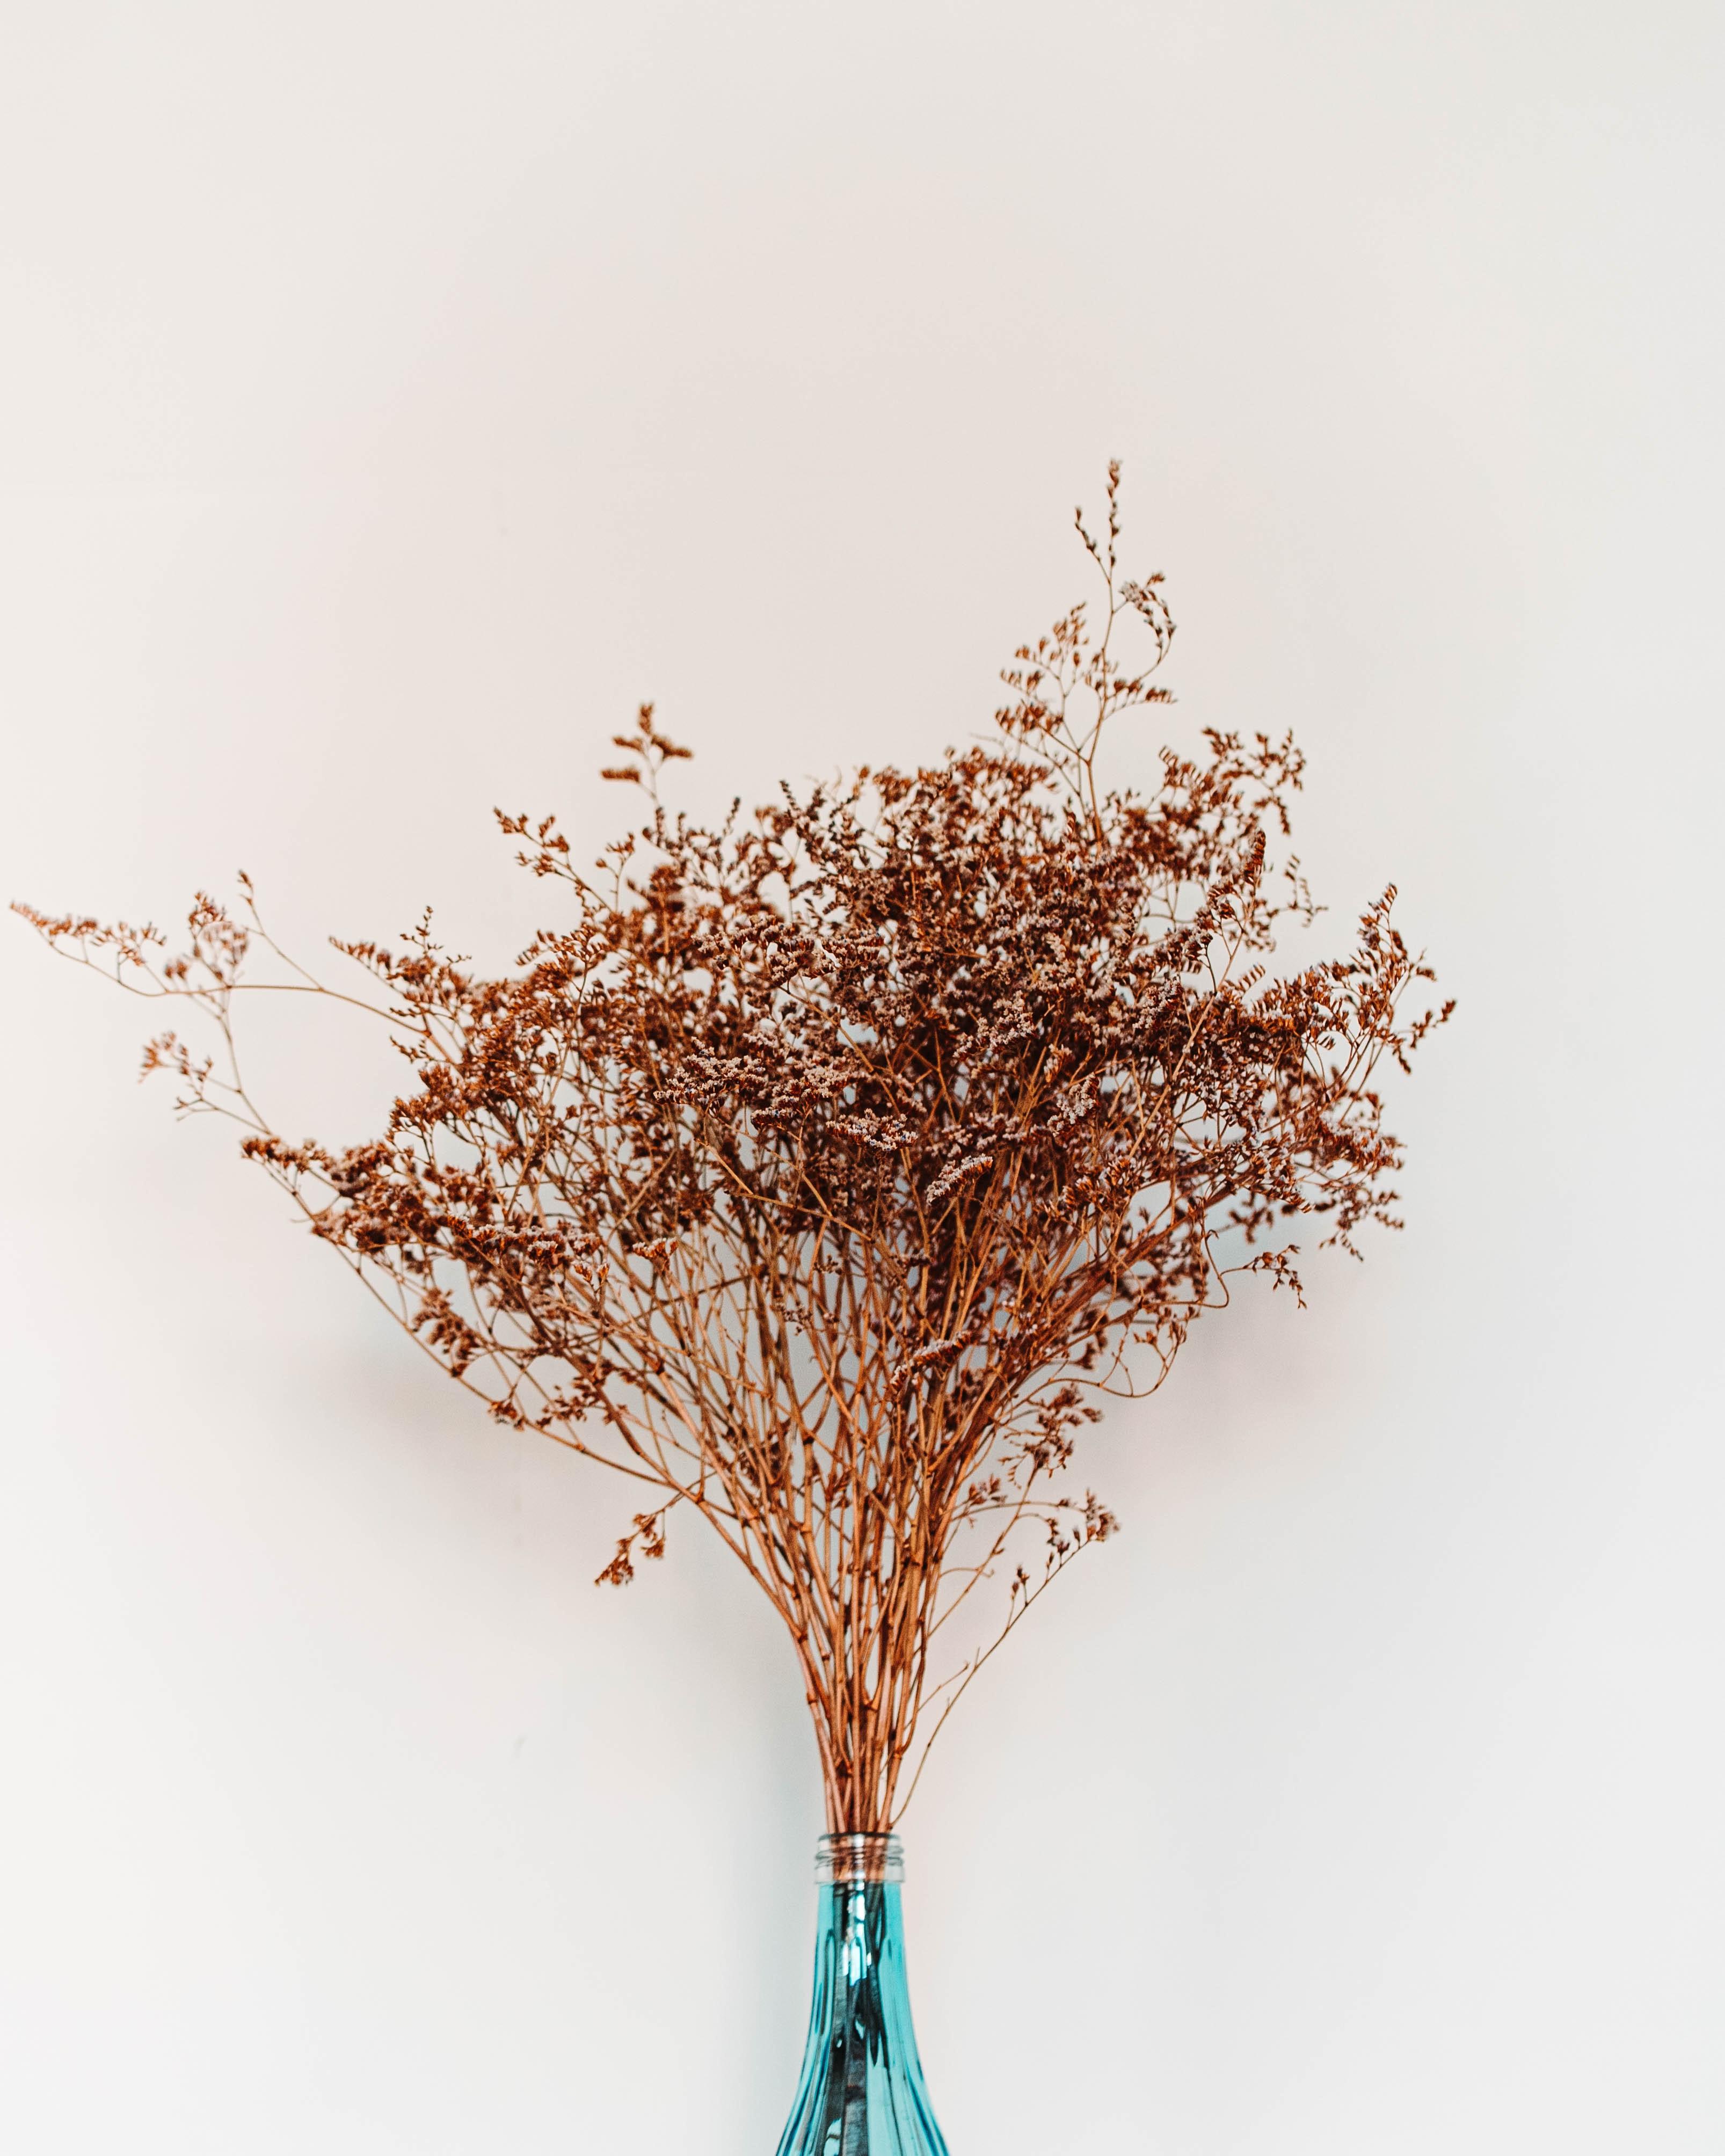 autumn-branch-color-2977302